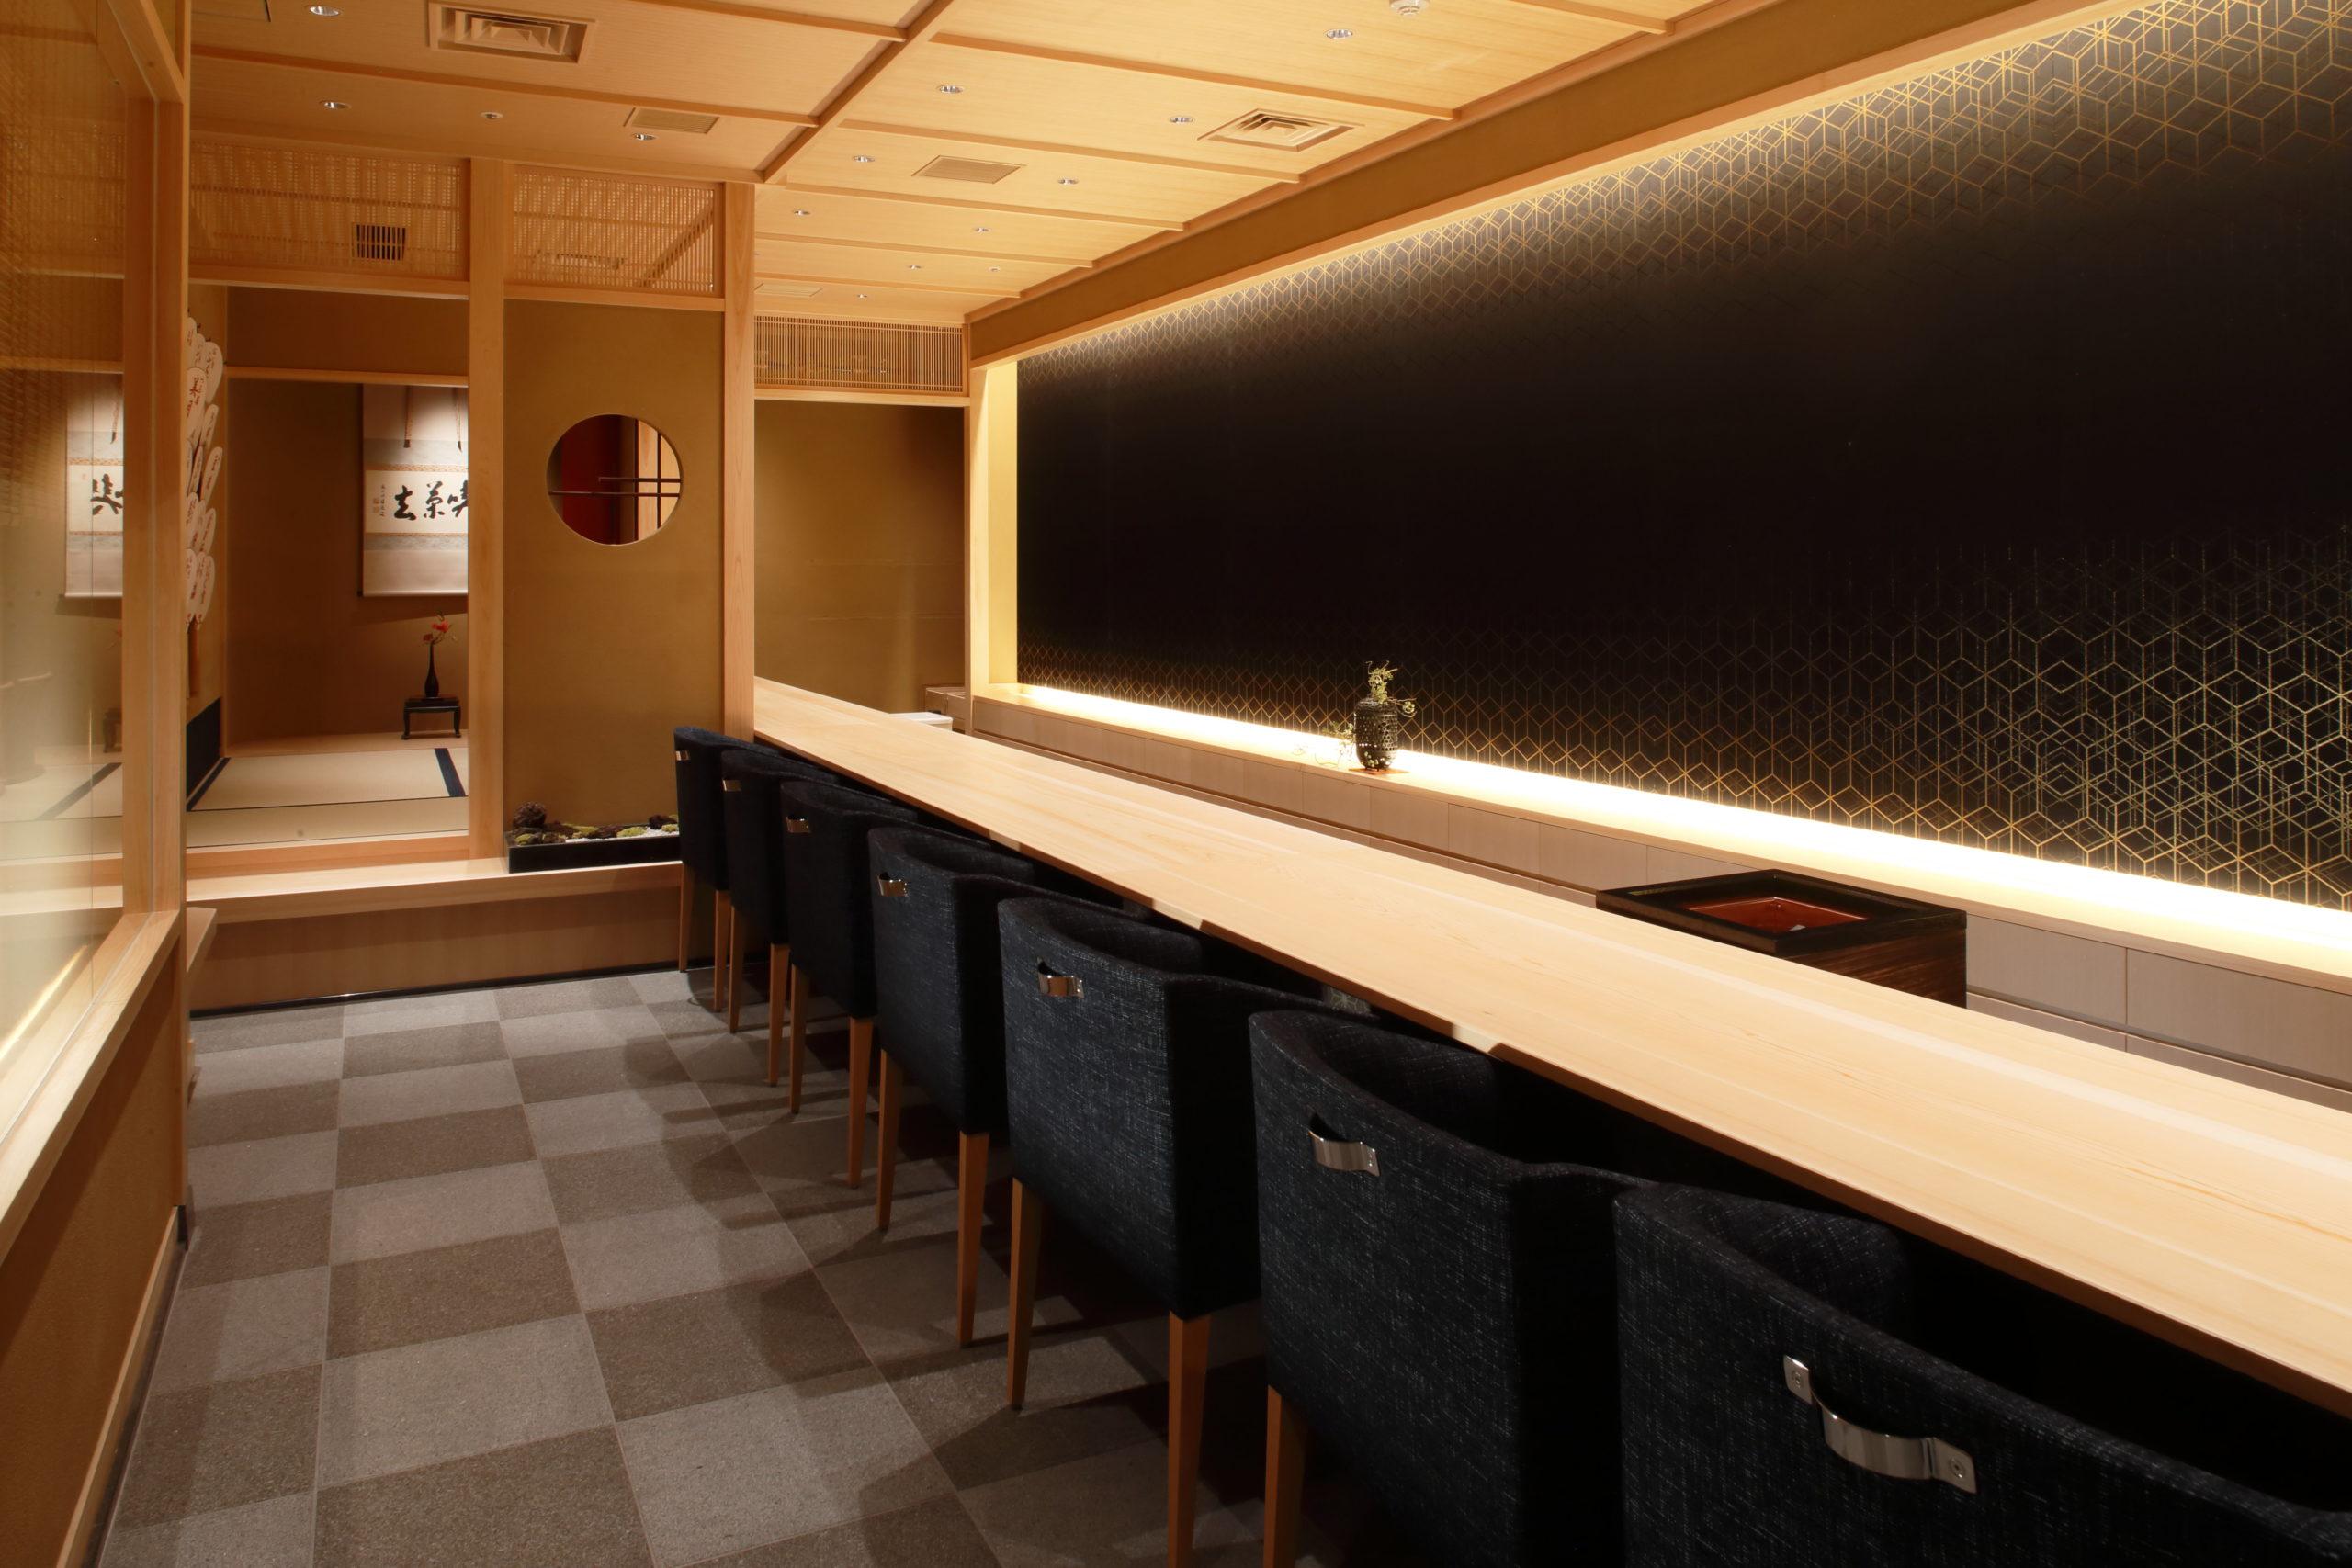 お茶屋バー『近江榮(おうみえ)』は百貨店内の店舗なので、女性のお客様が多いのが特徴です